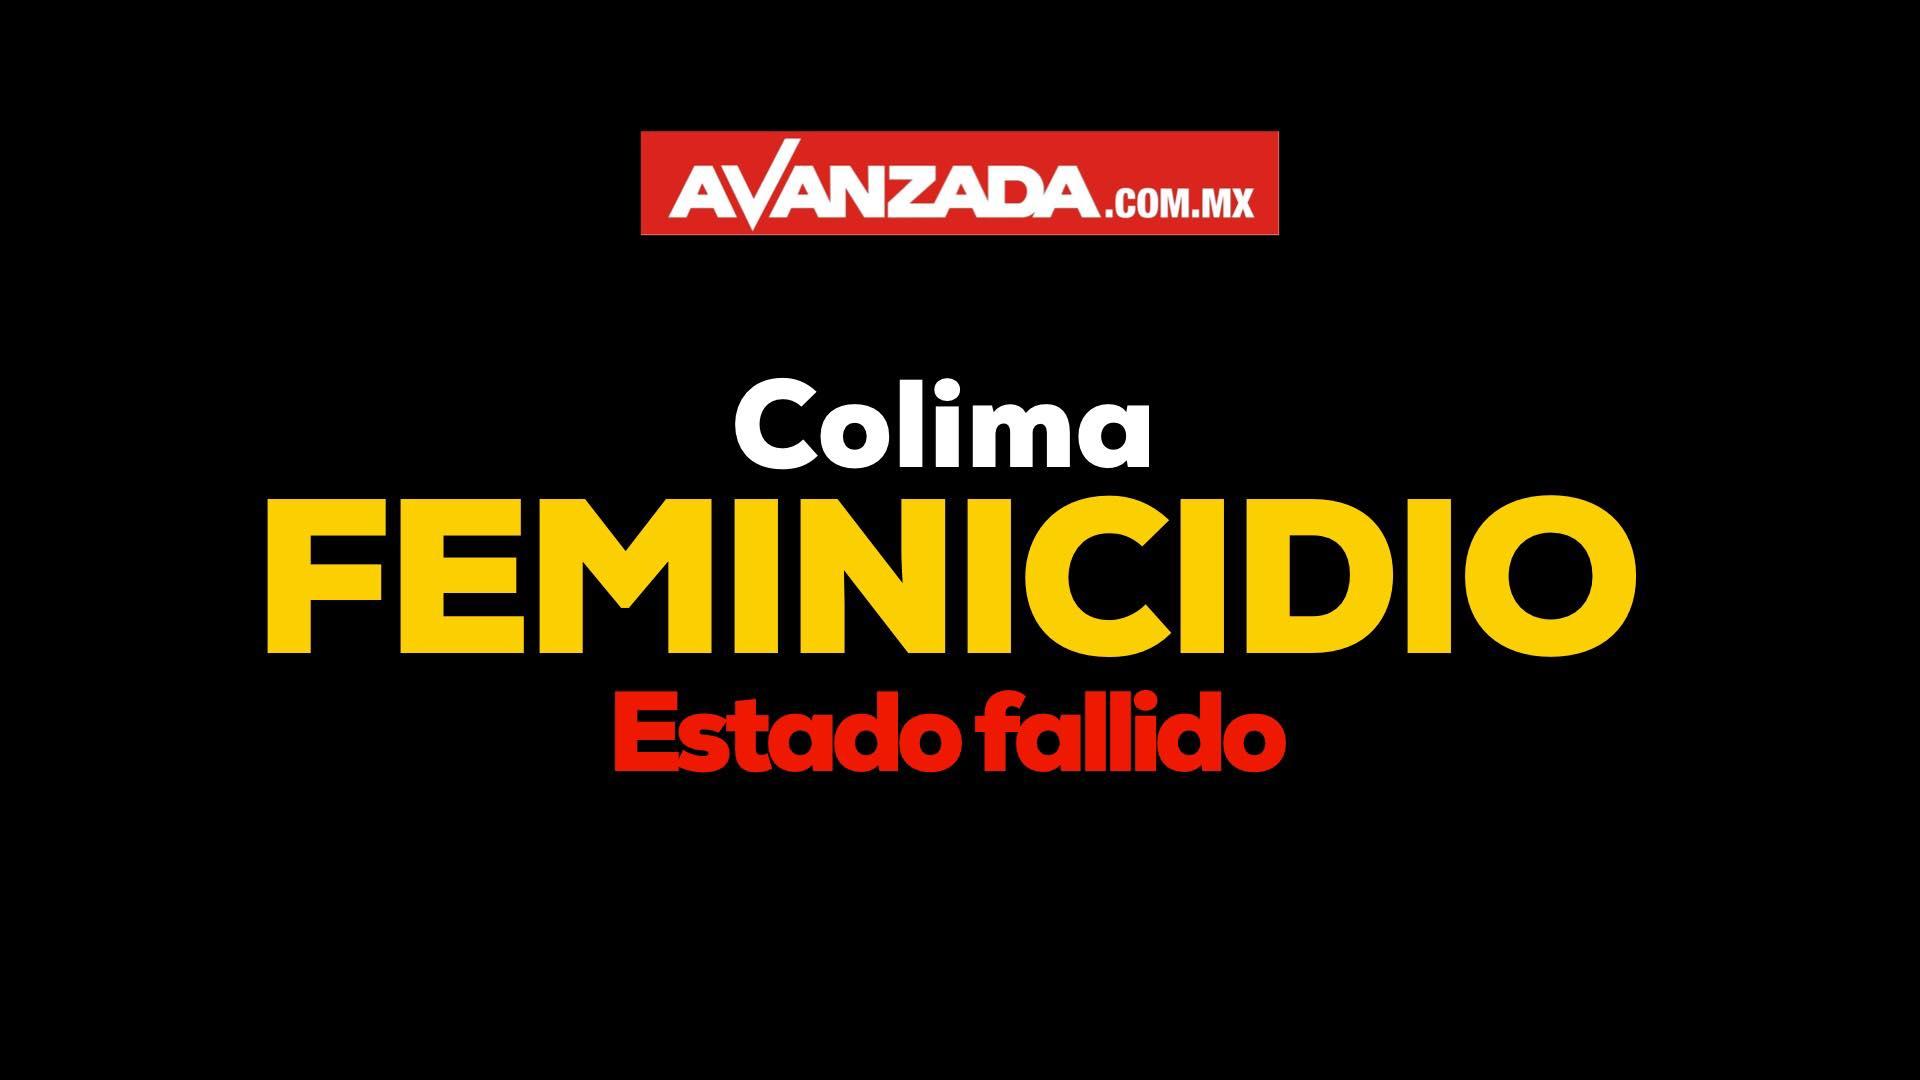 Asesinan a 18 mujeres en Colima, sólo tres se clasificaron como feminicidio